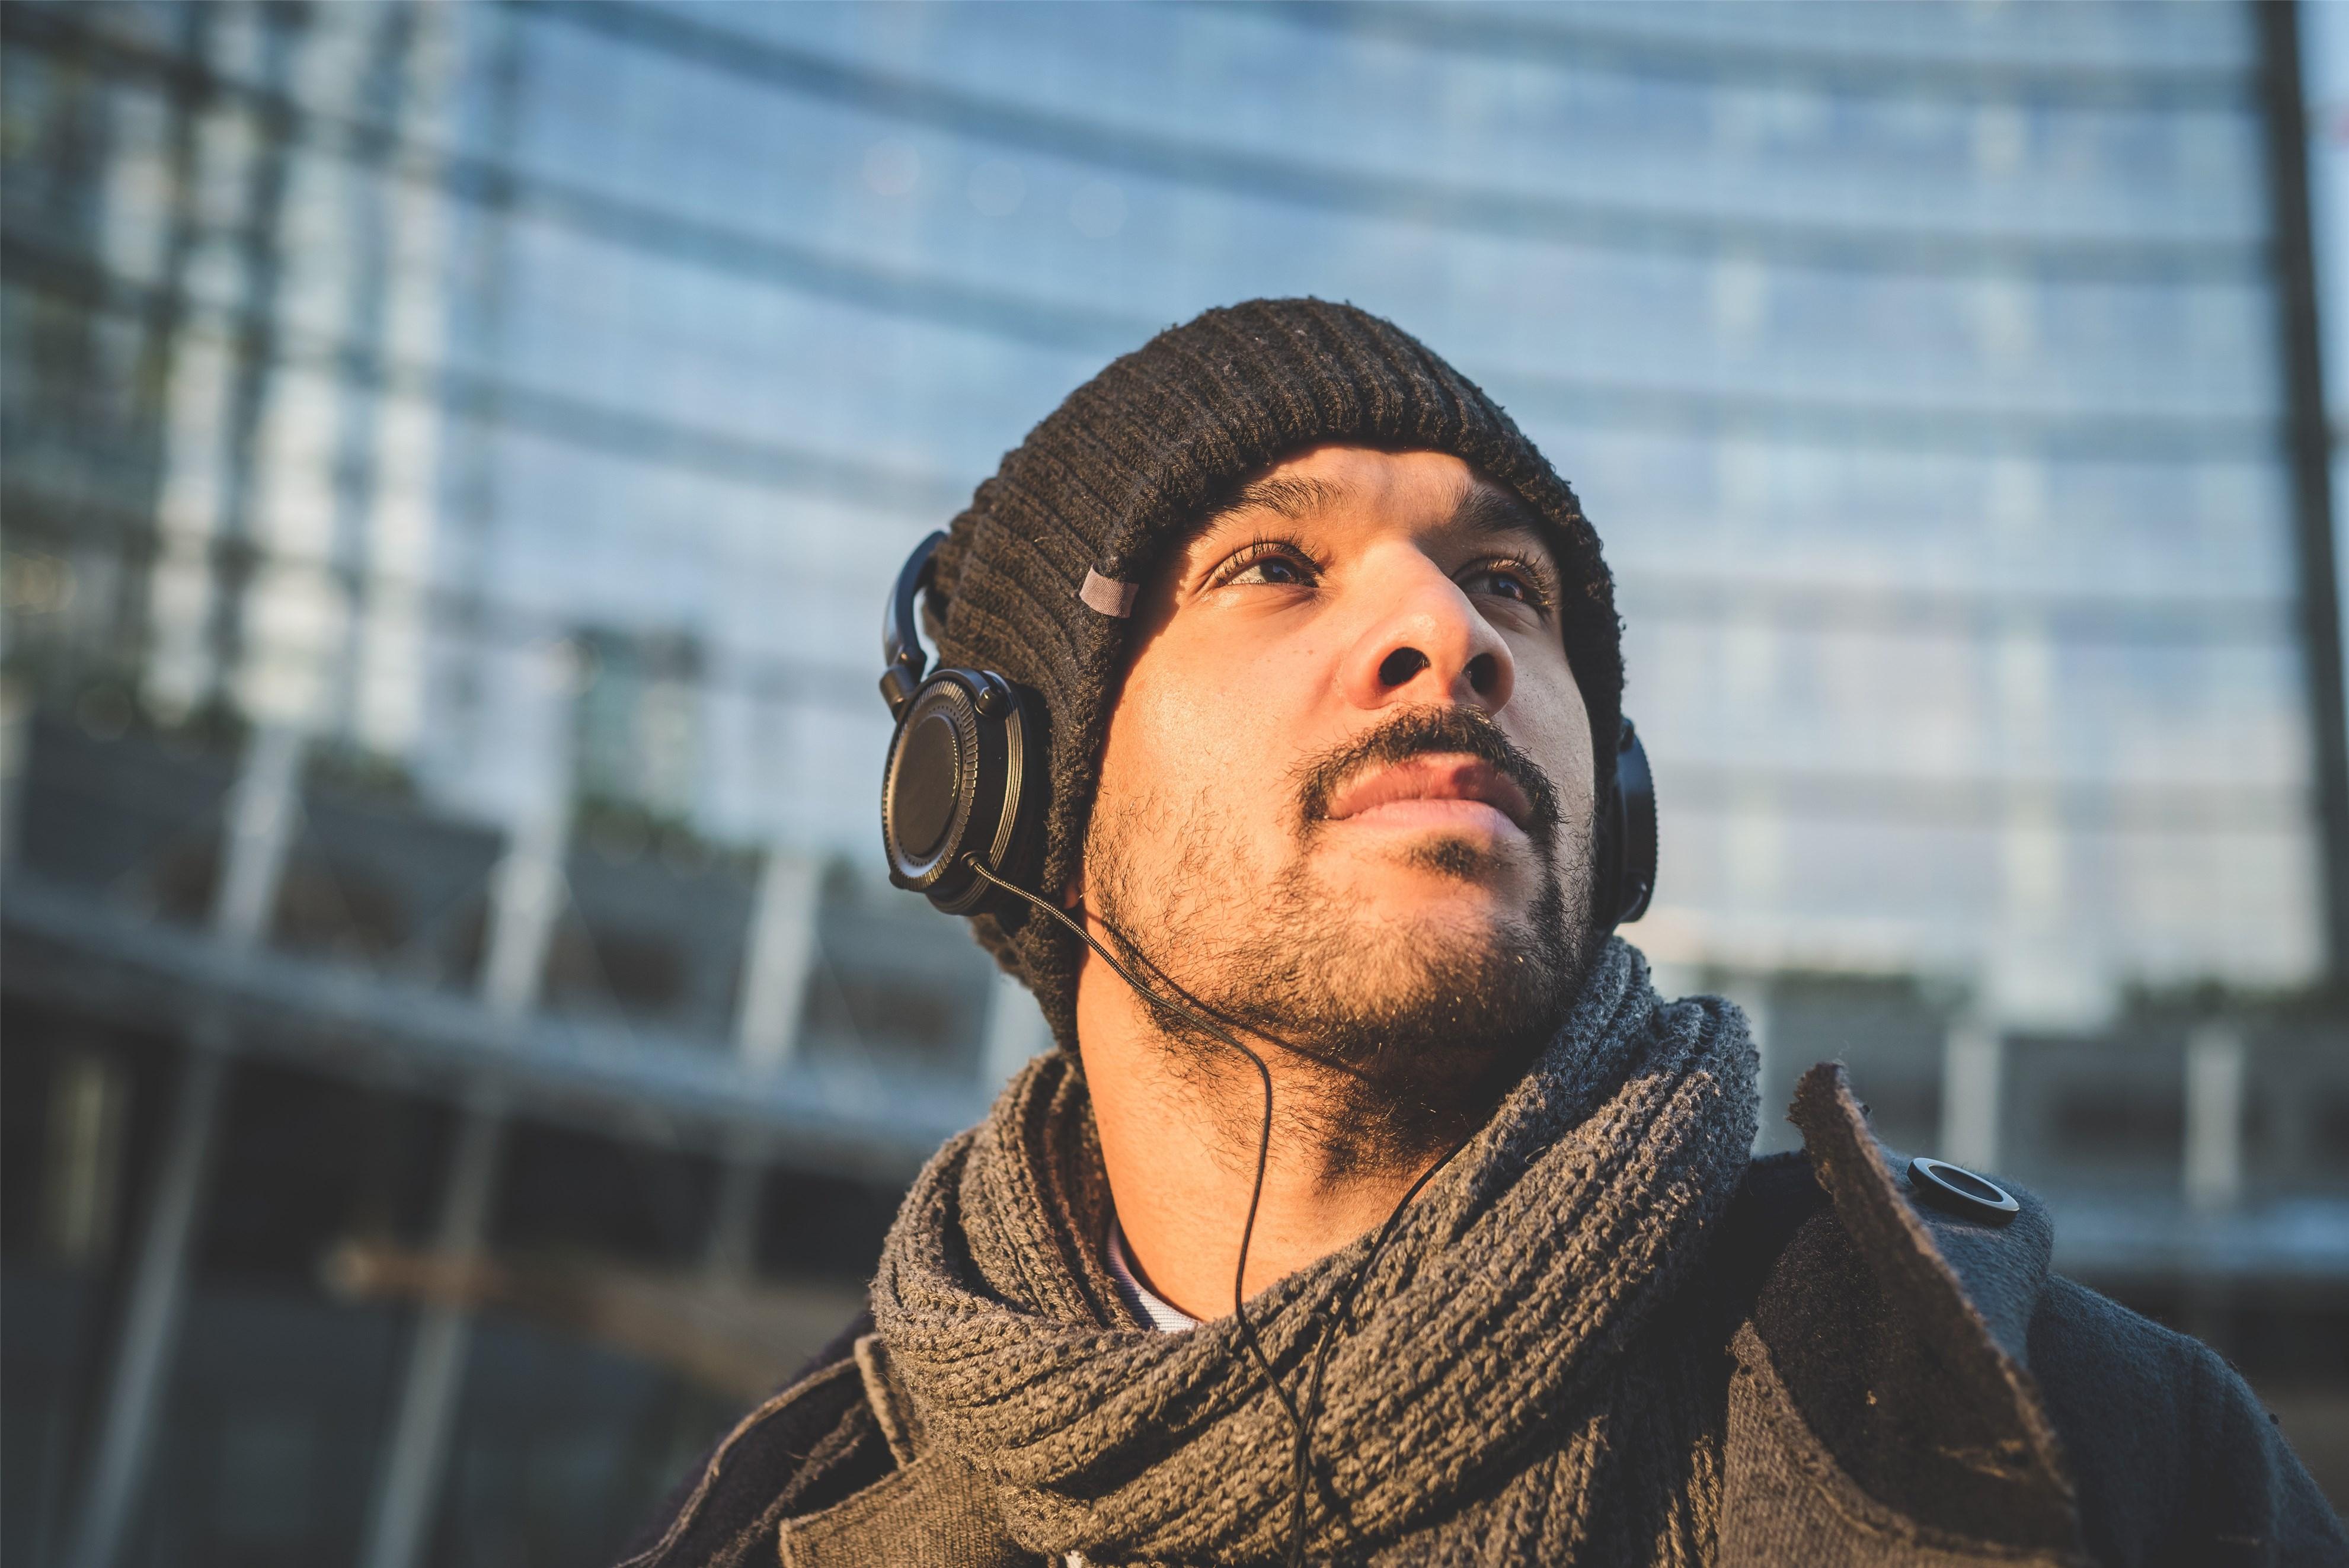 厂商 CES上TWS耳机大爆发:手机厂商和耳机厂商正戴着镣铐斗舞